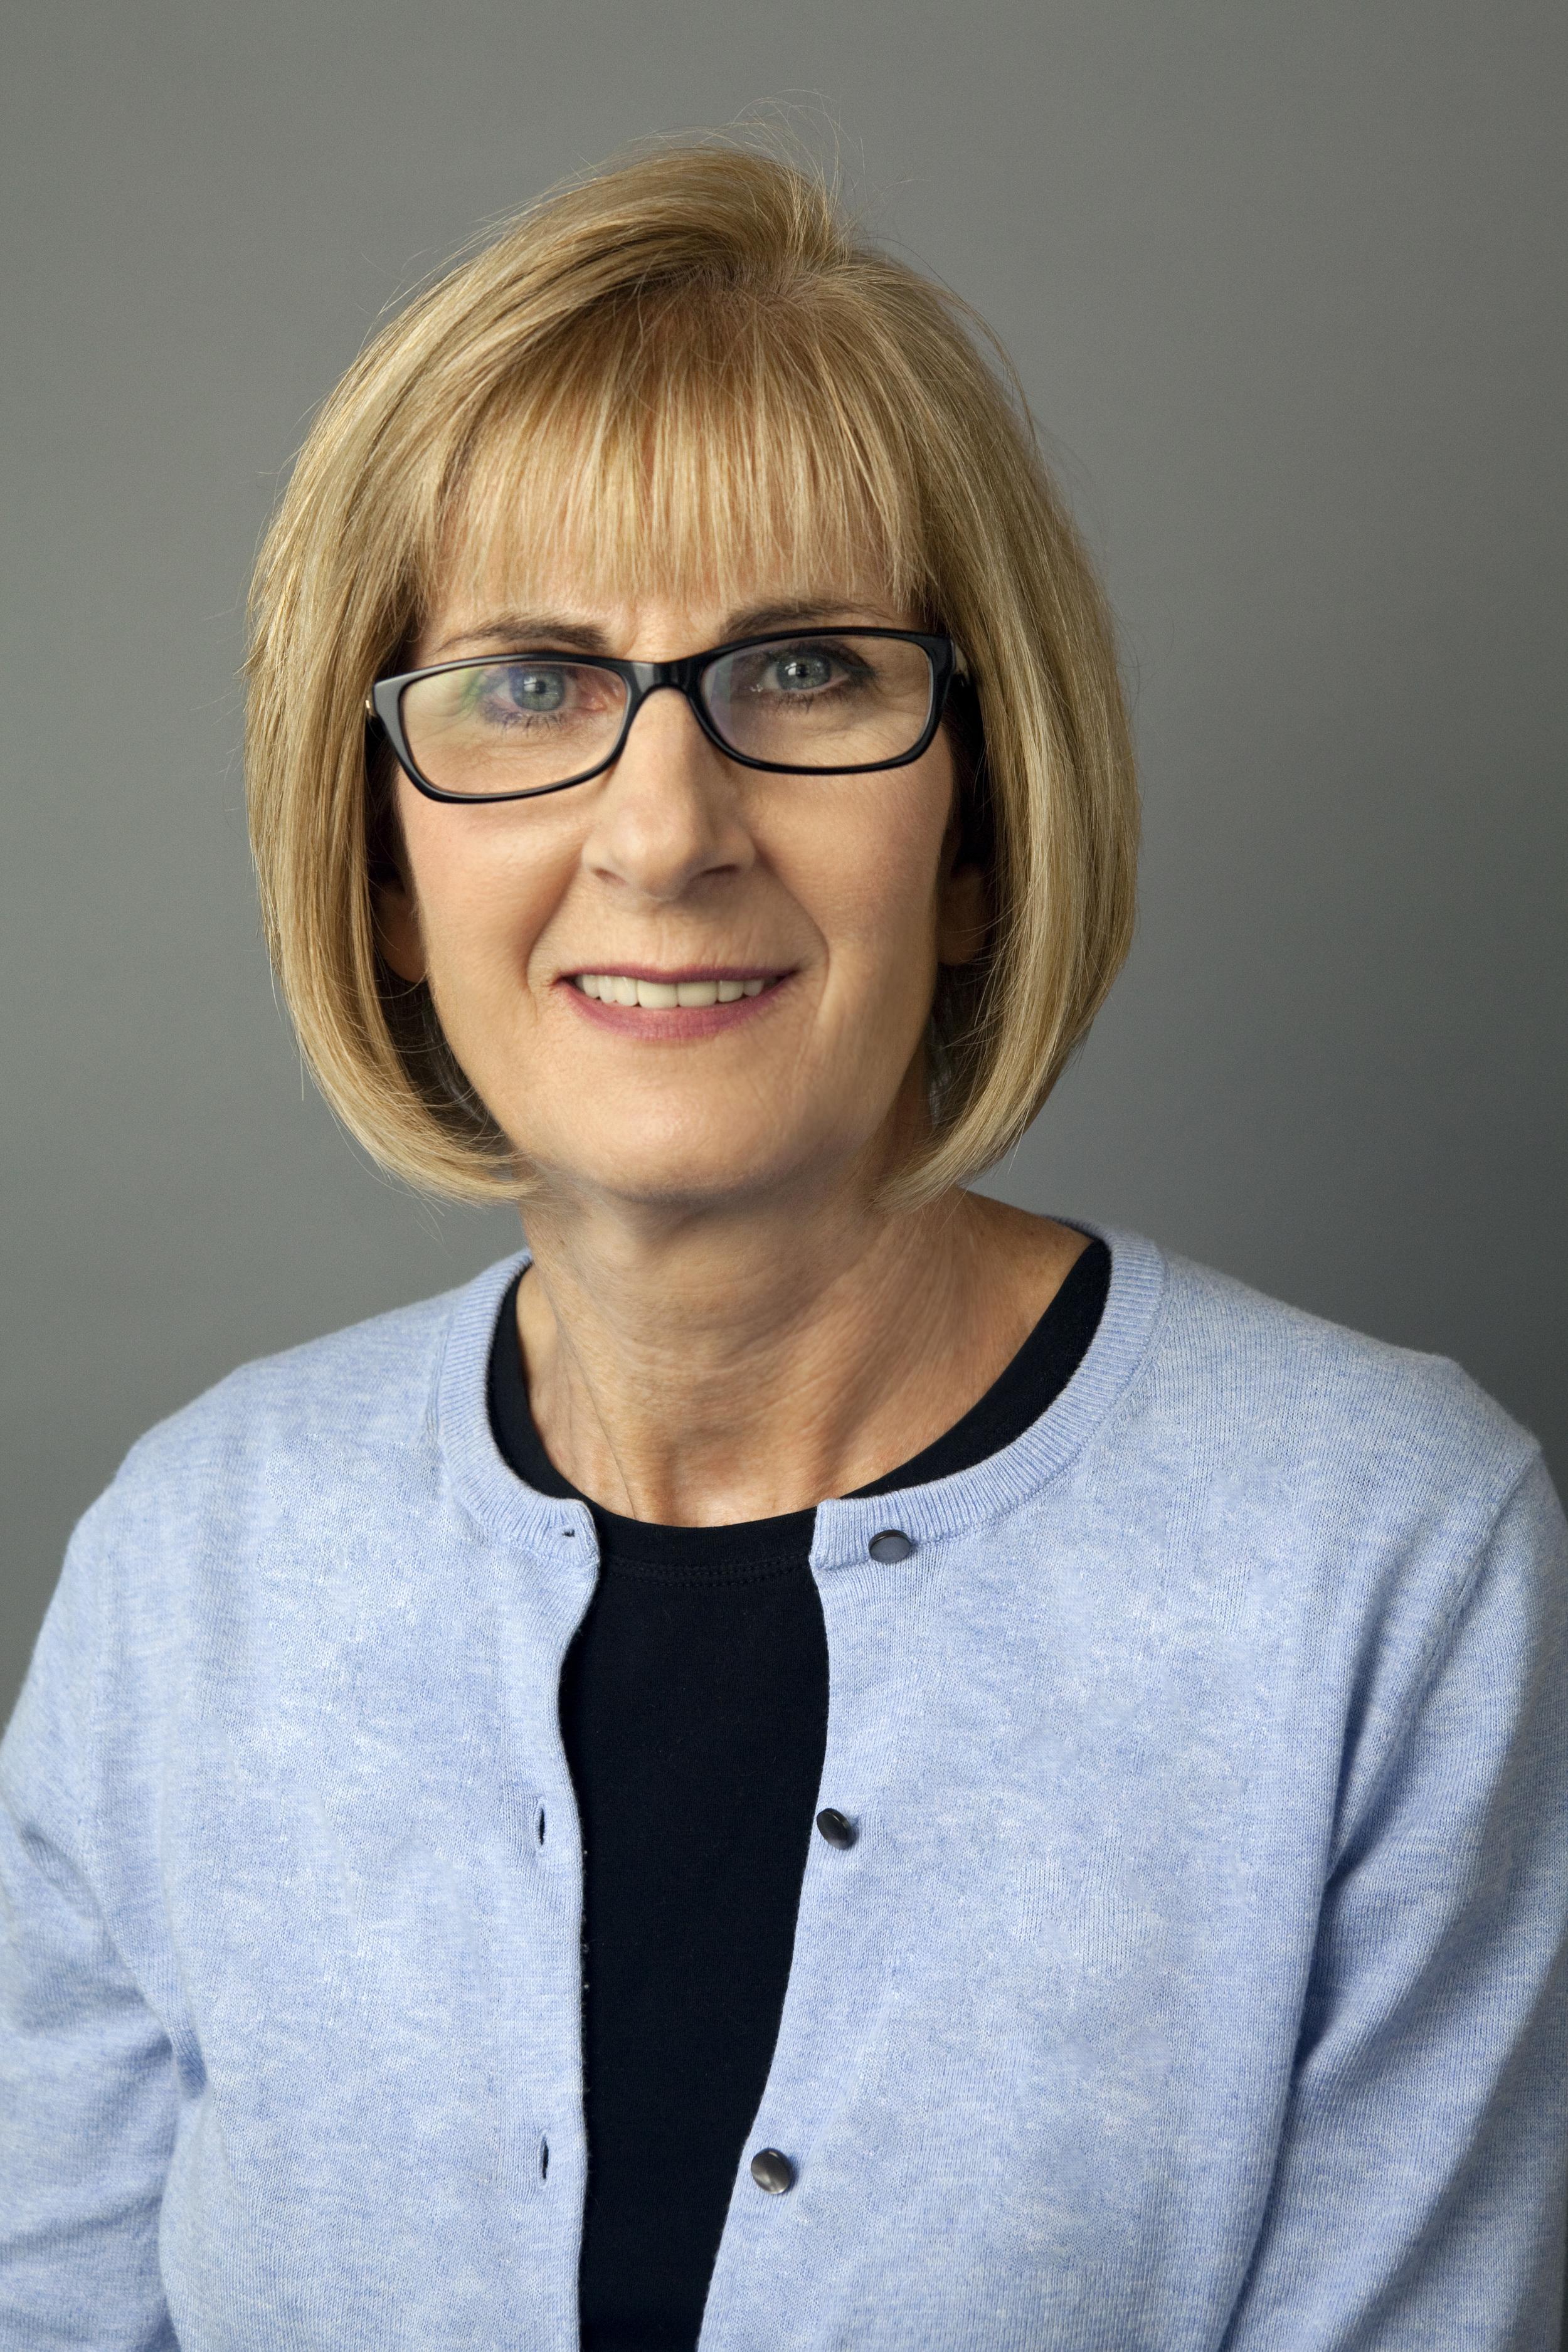 BarbaraCarey